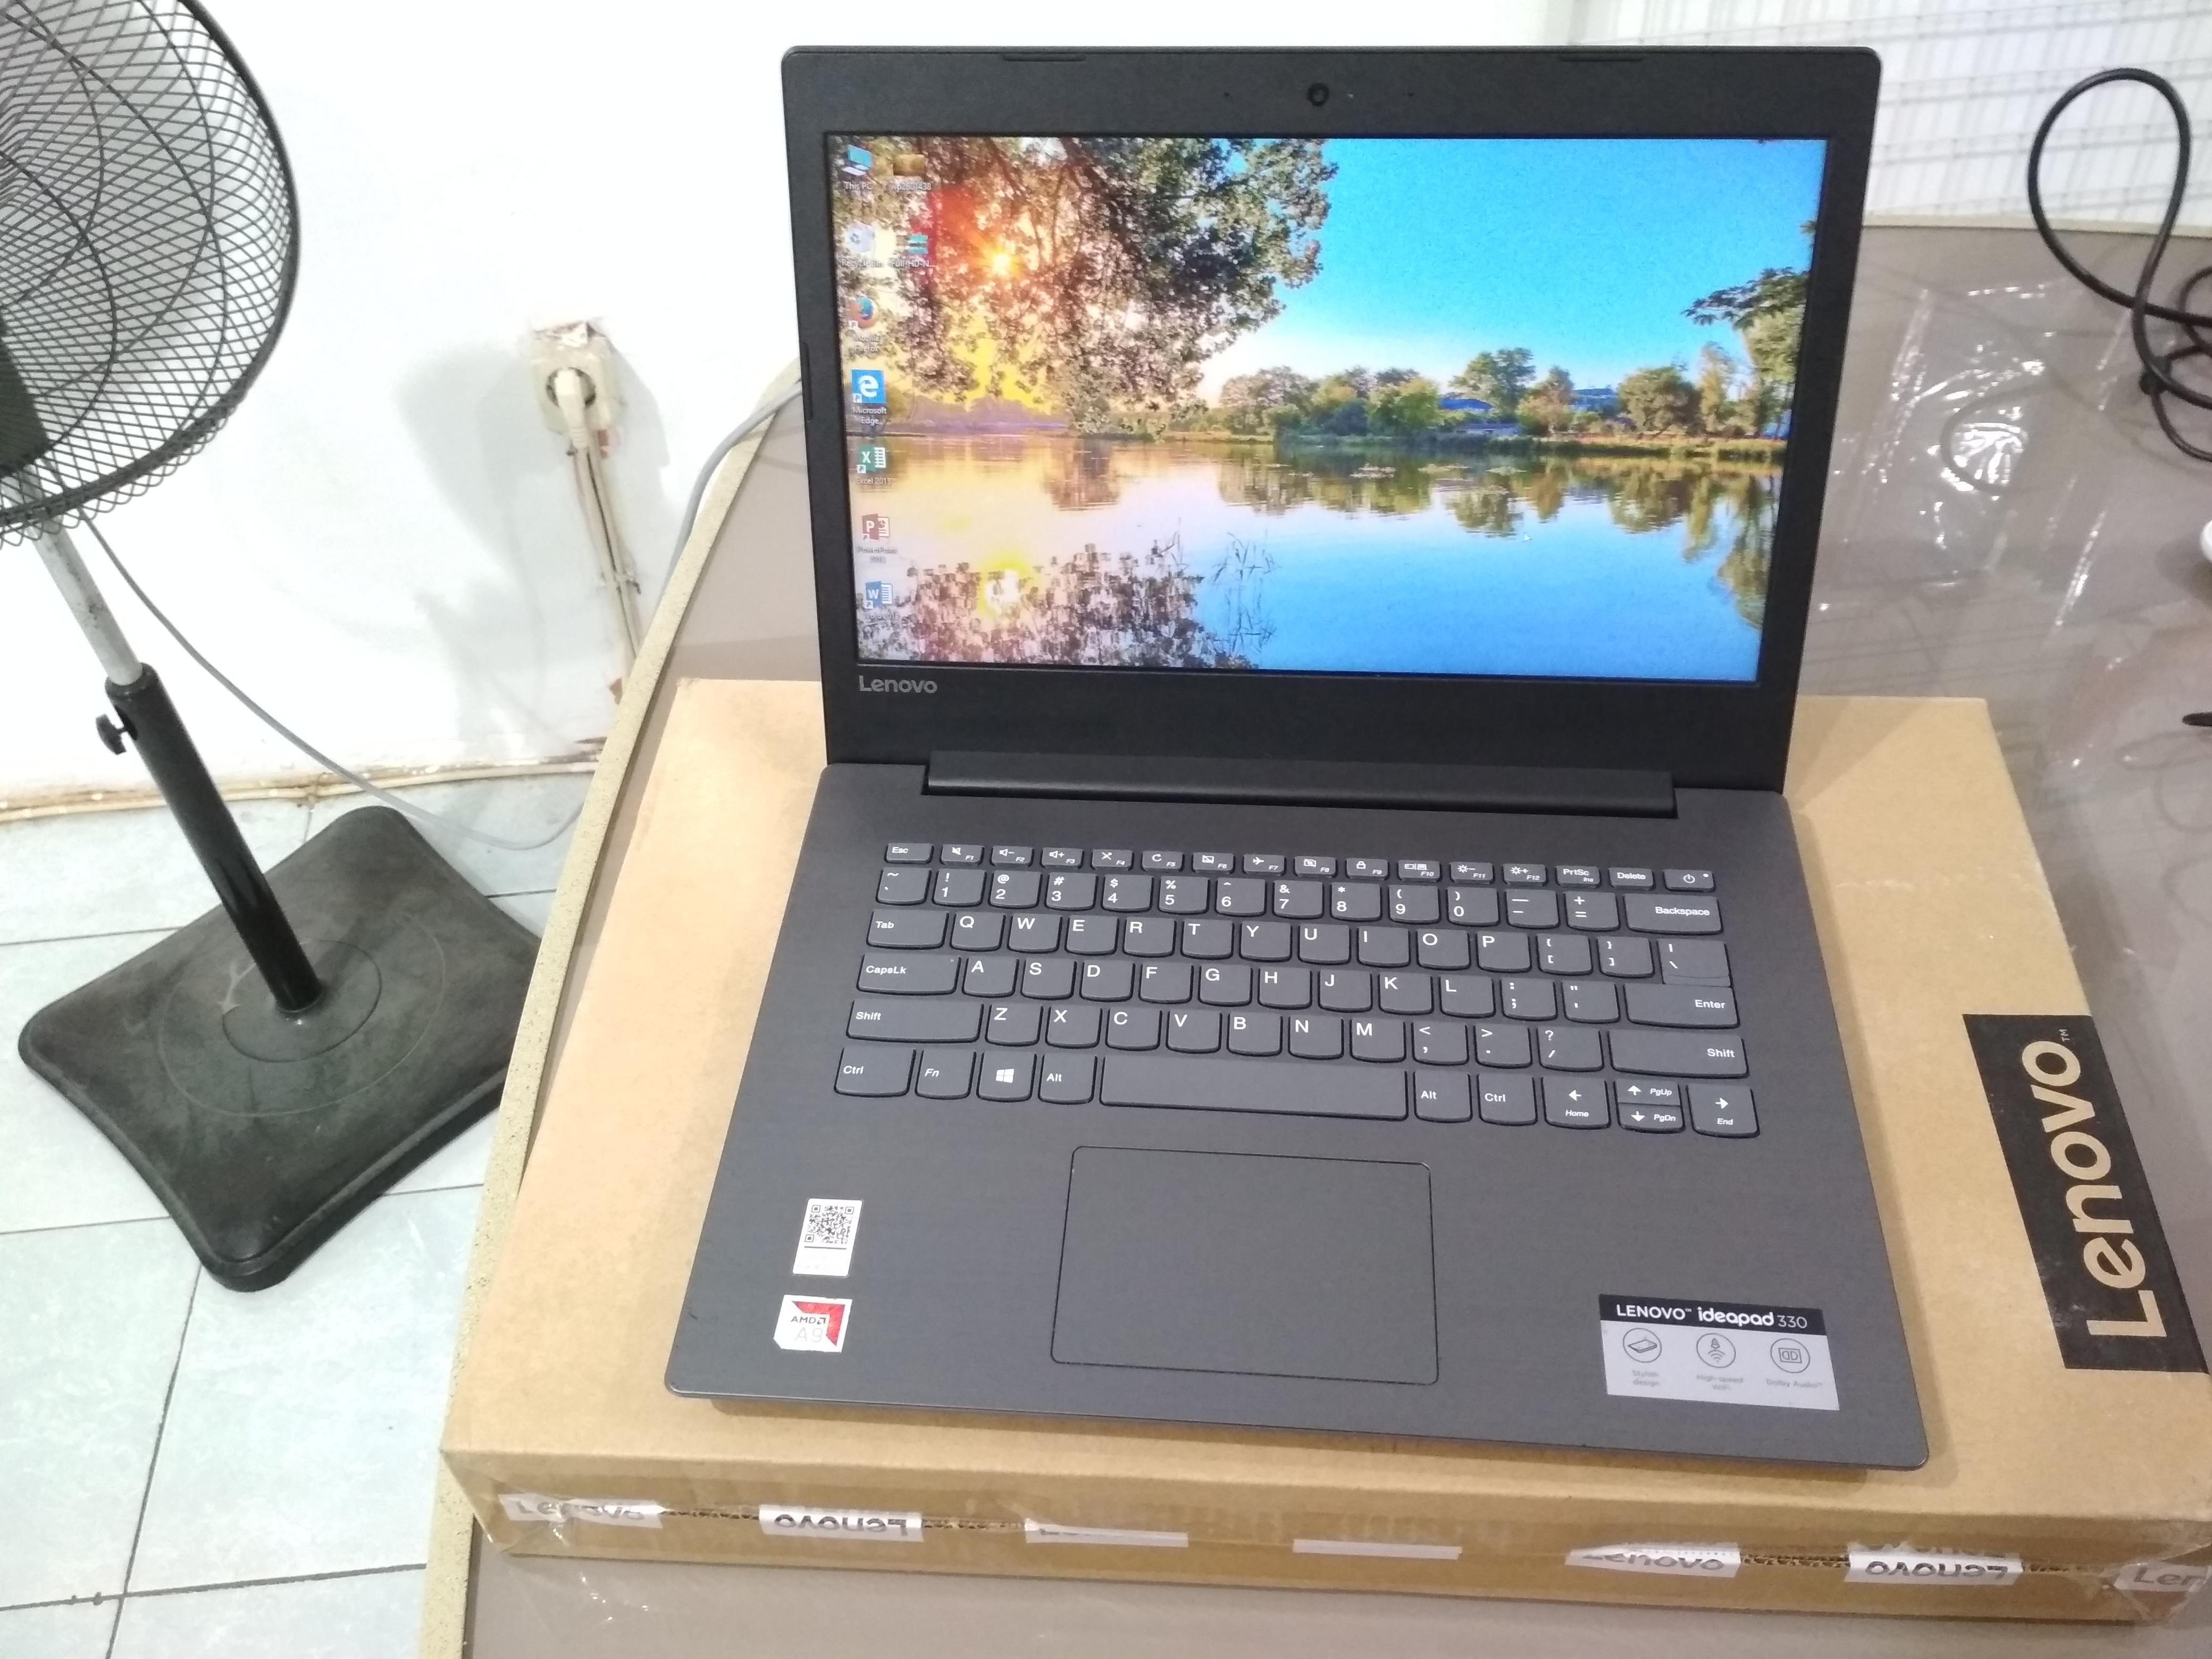 Laptop Lenovo Ideapad 330 Amd A9 9425 Siap Pakai Jual Beli Laptop Bekas Surabaya Sidoarjo